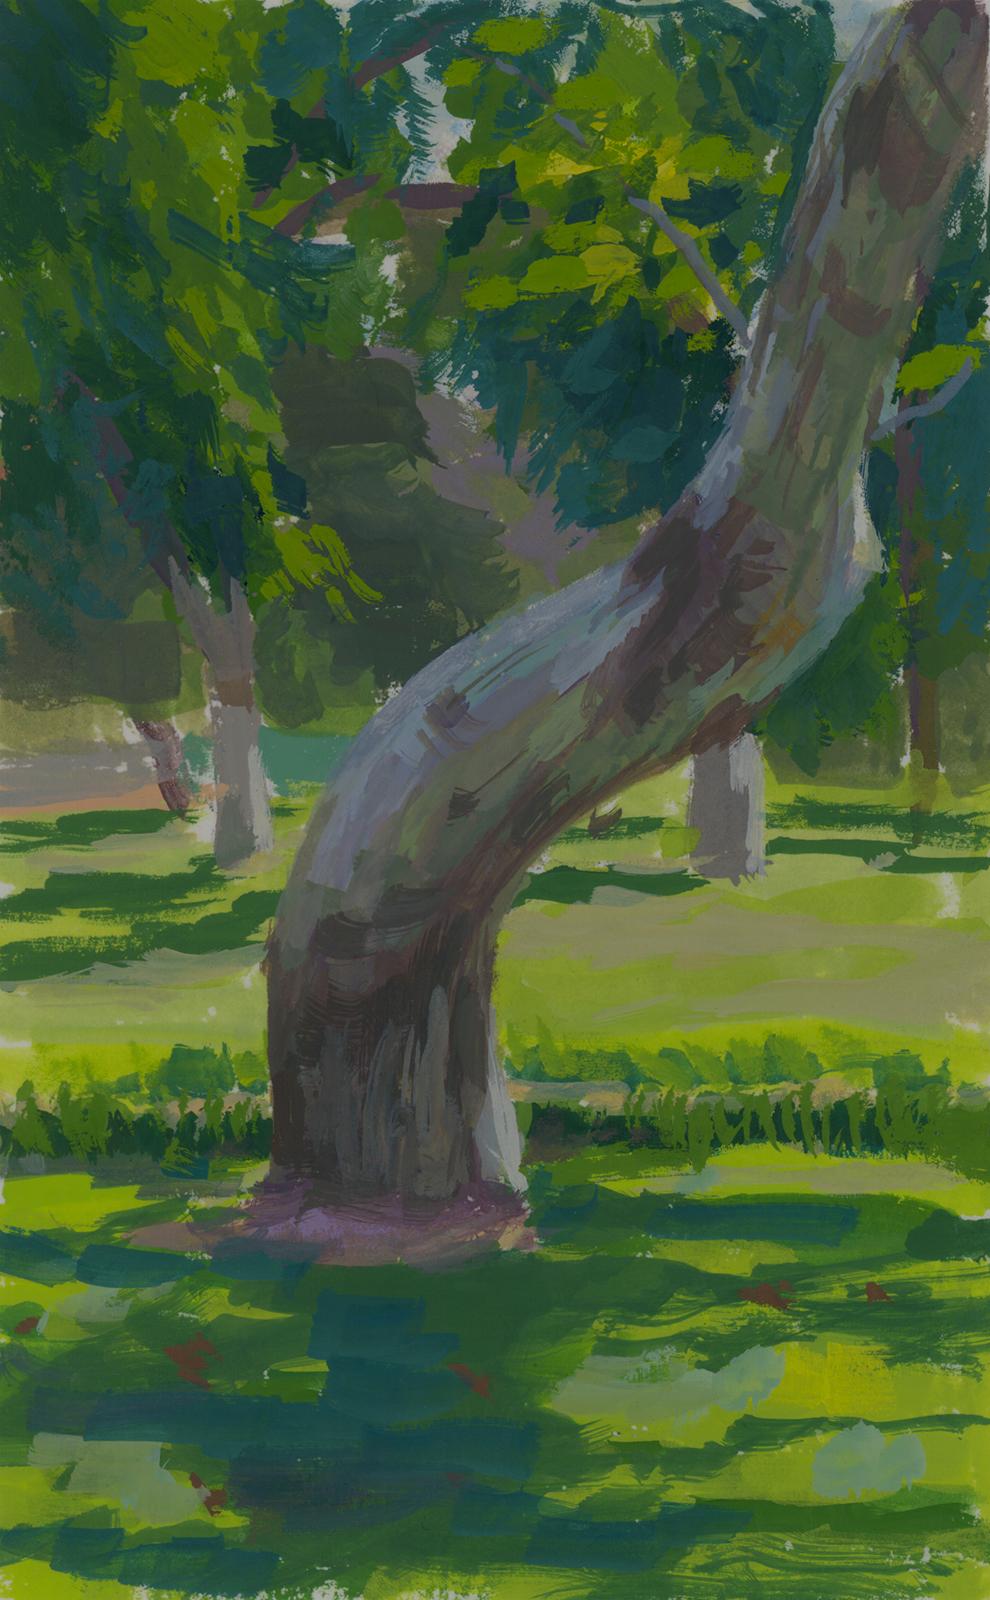 Bette Davis Park